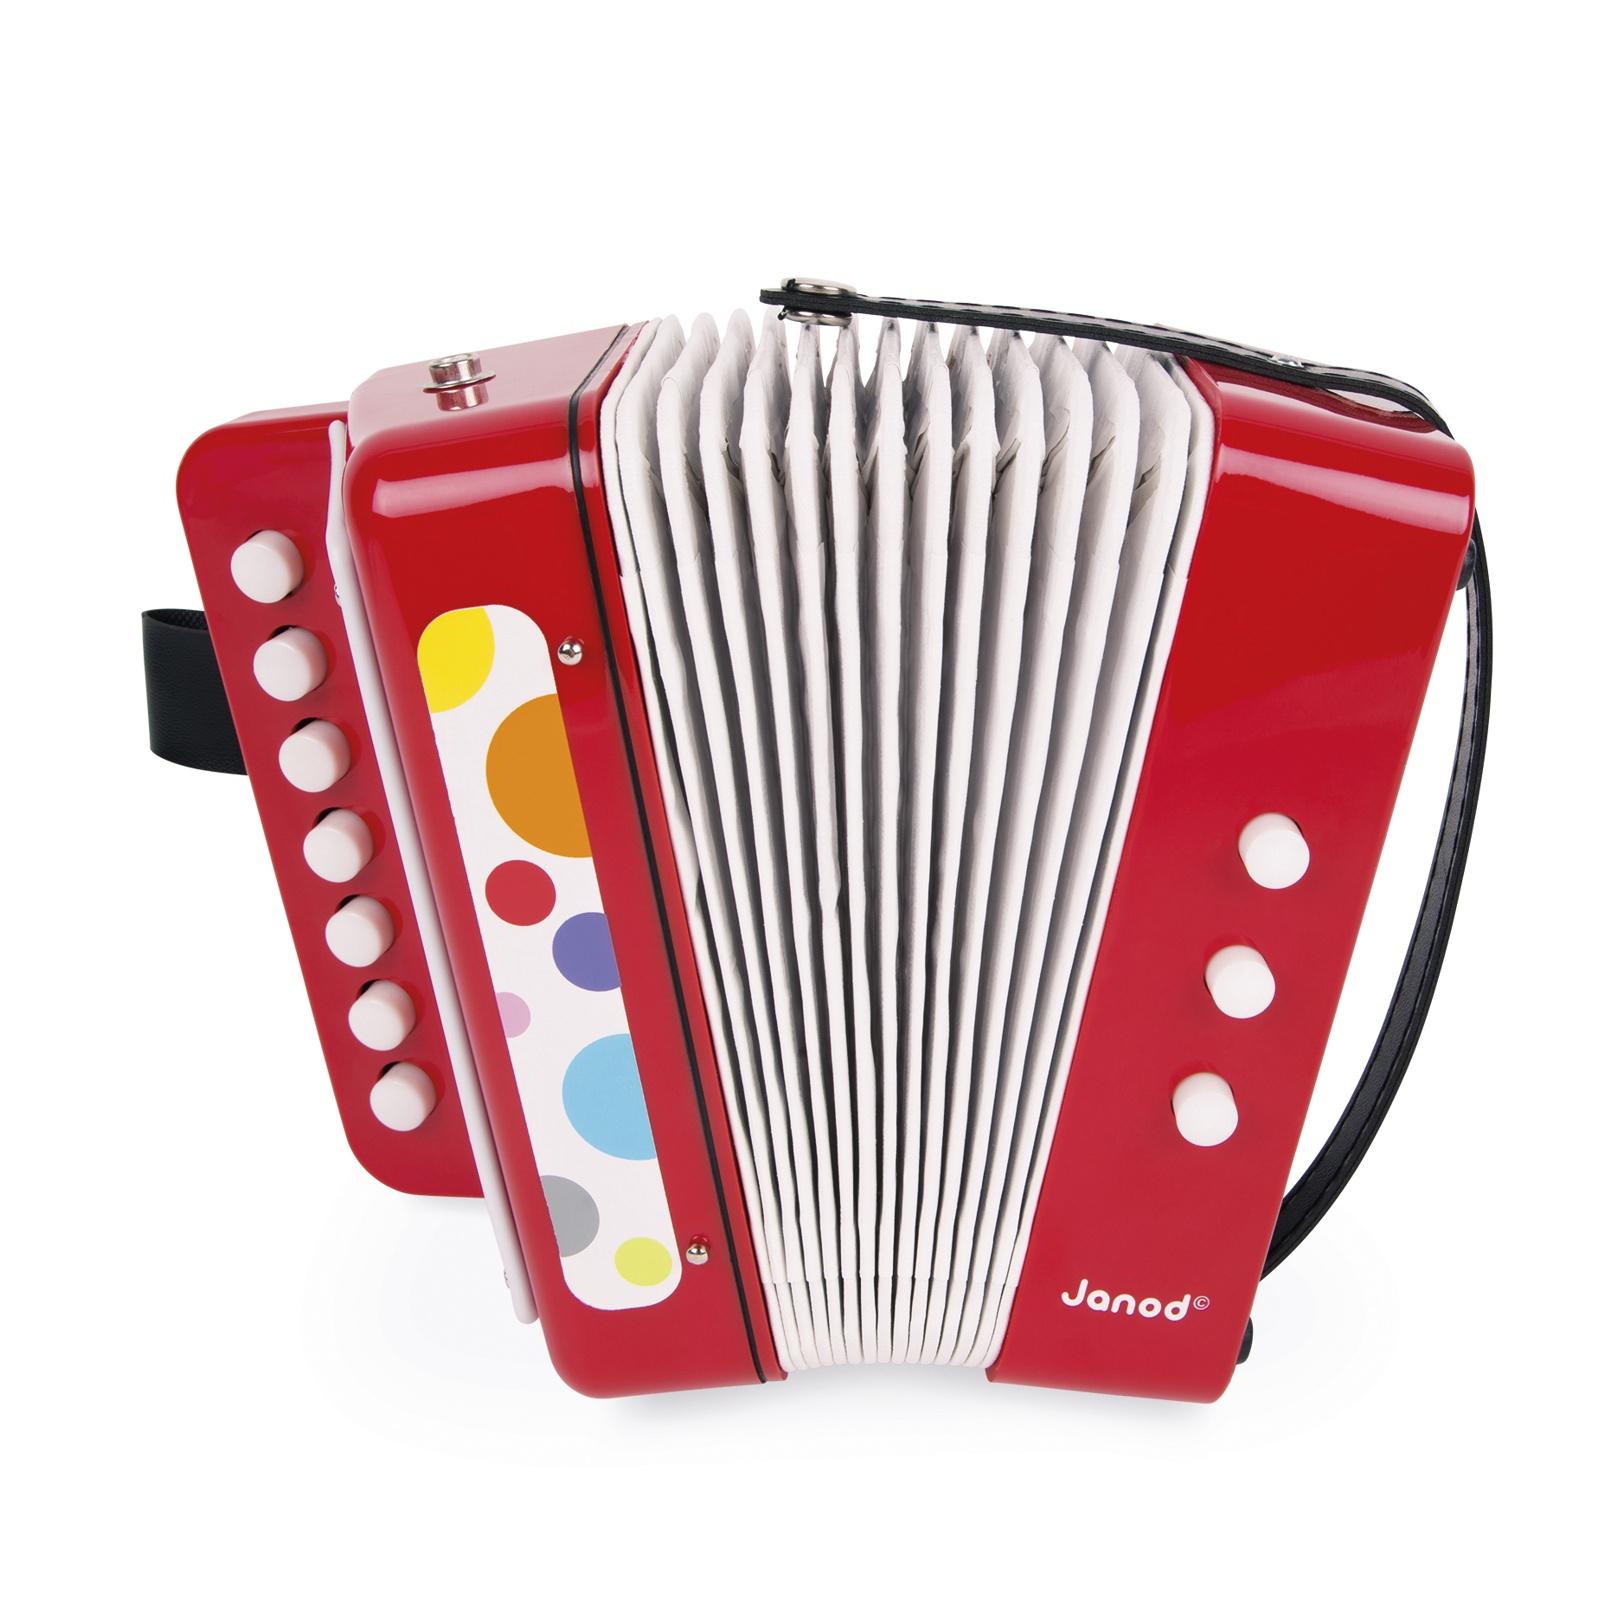 Janod Музичний інструмент - Акордеон